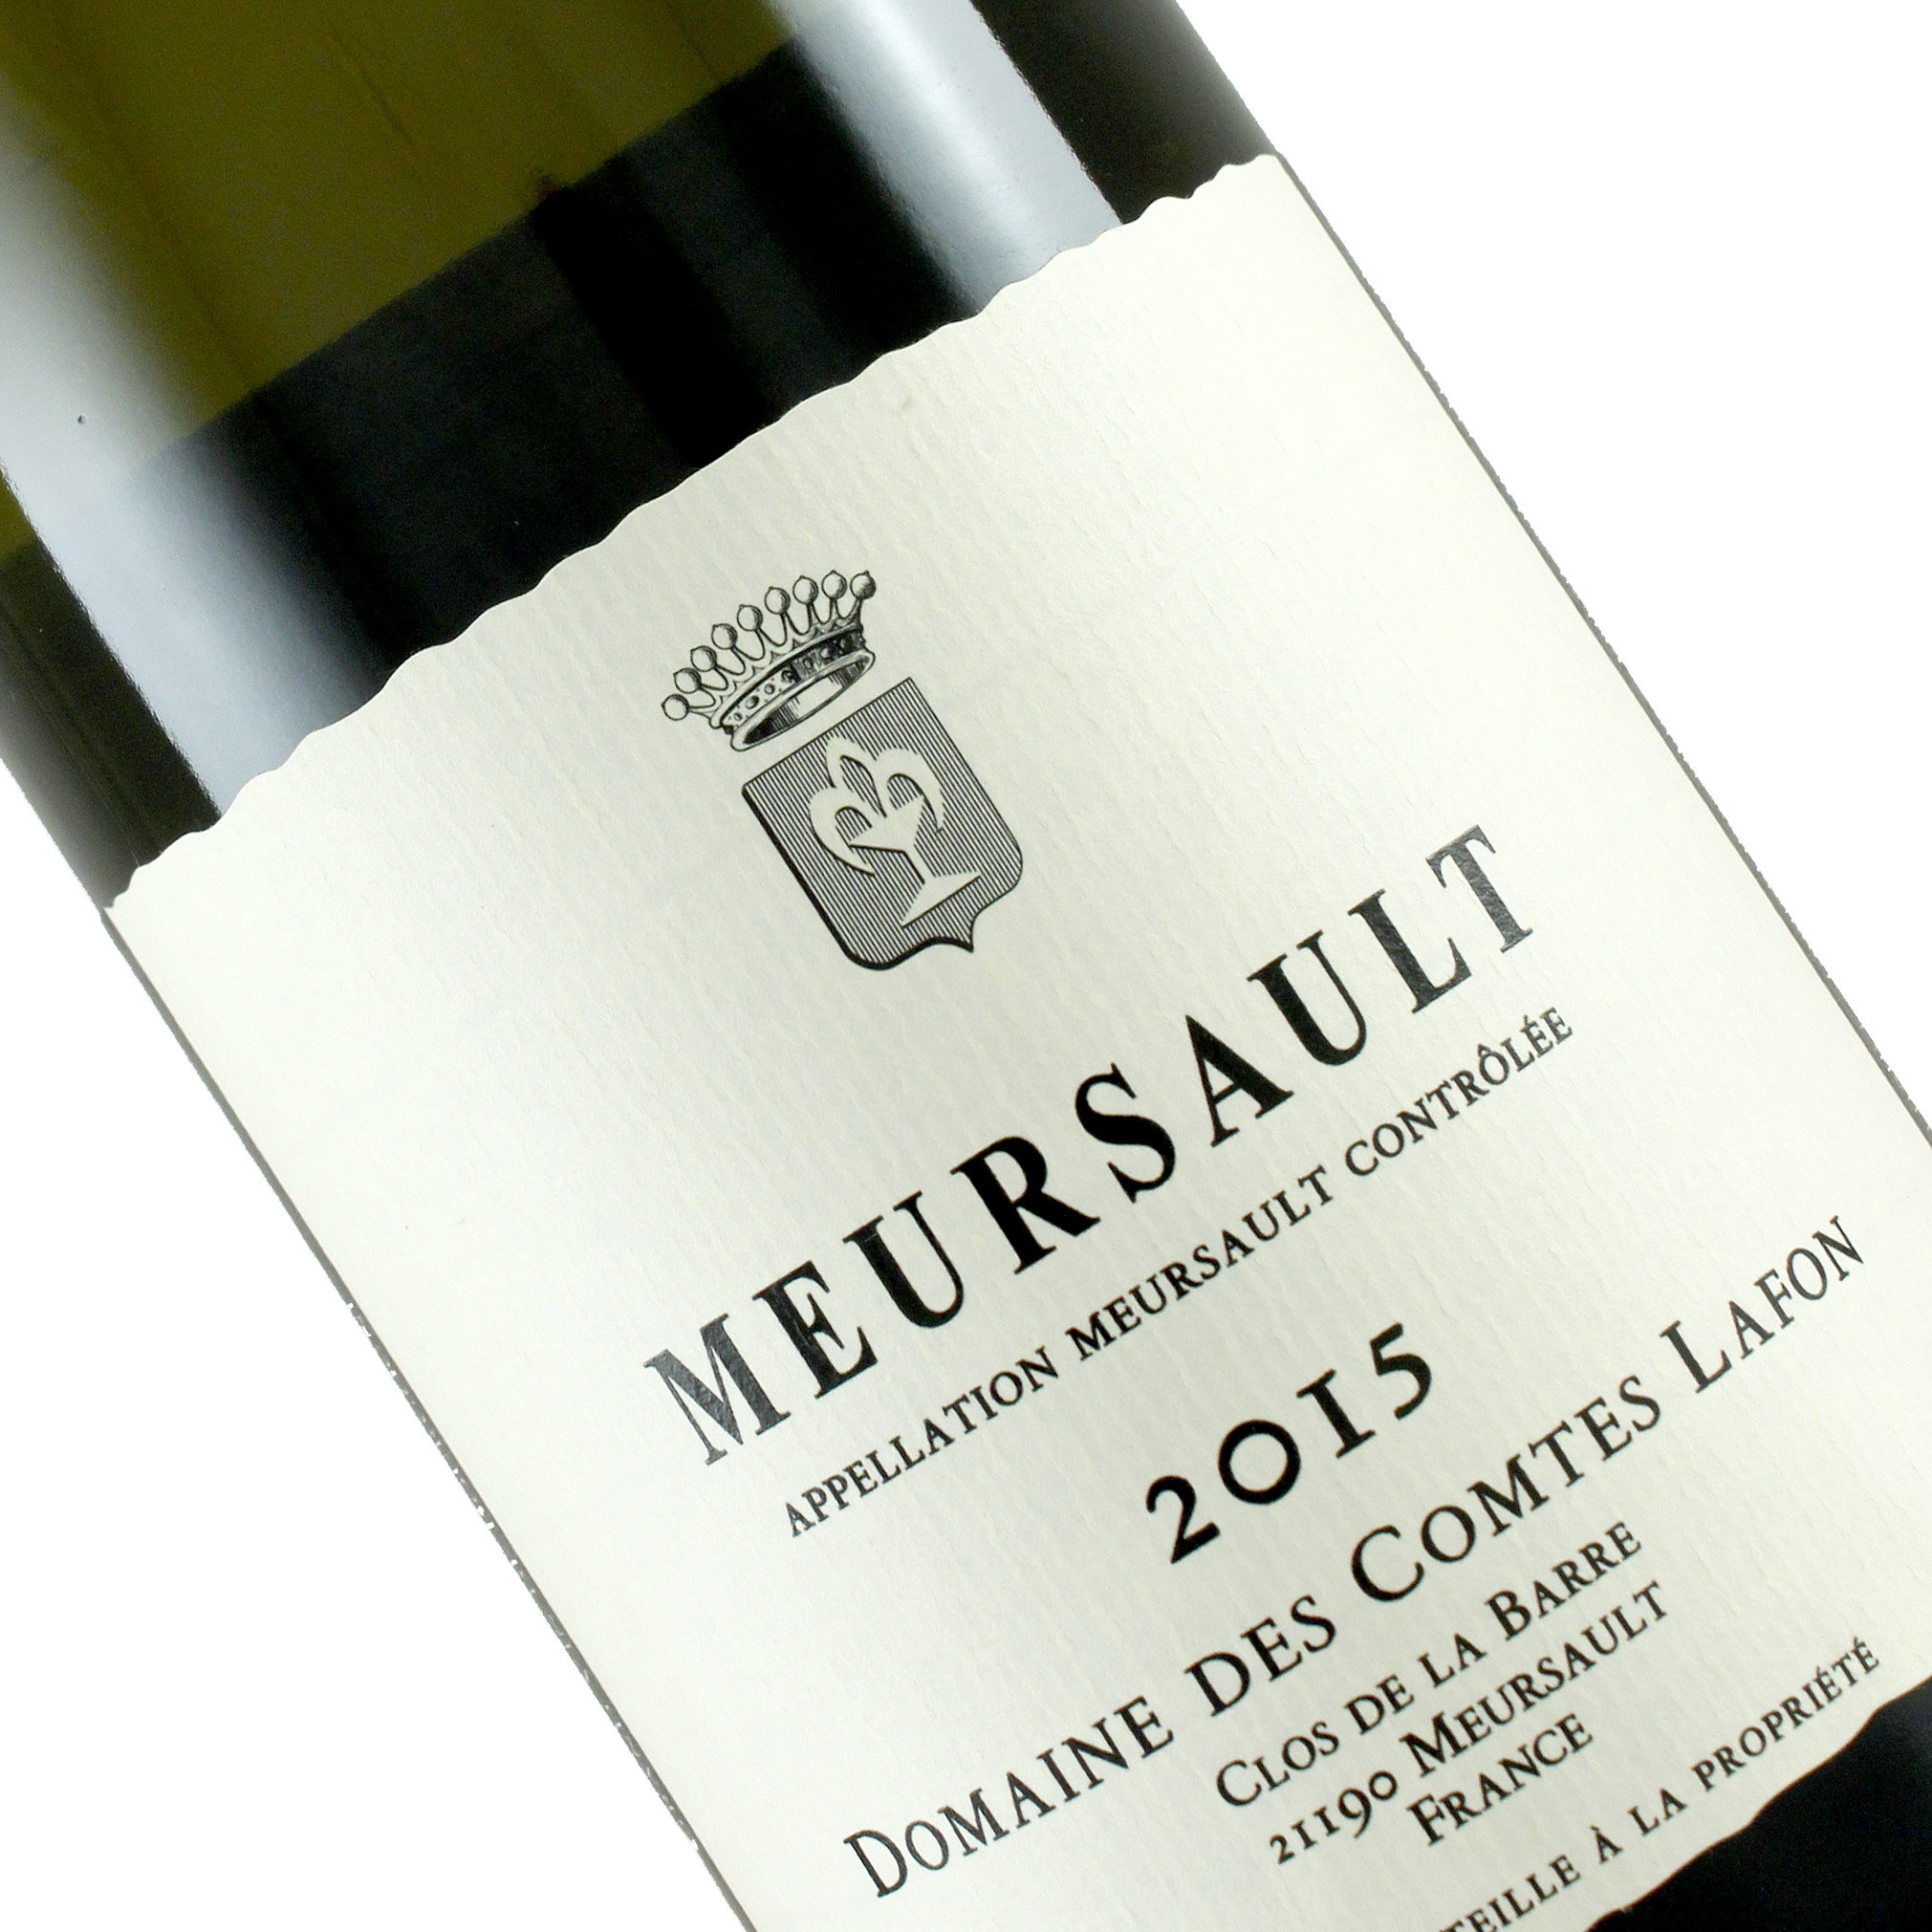 Domaine des Comtes Lafon 2016 Meursault, Burgundy